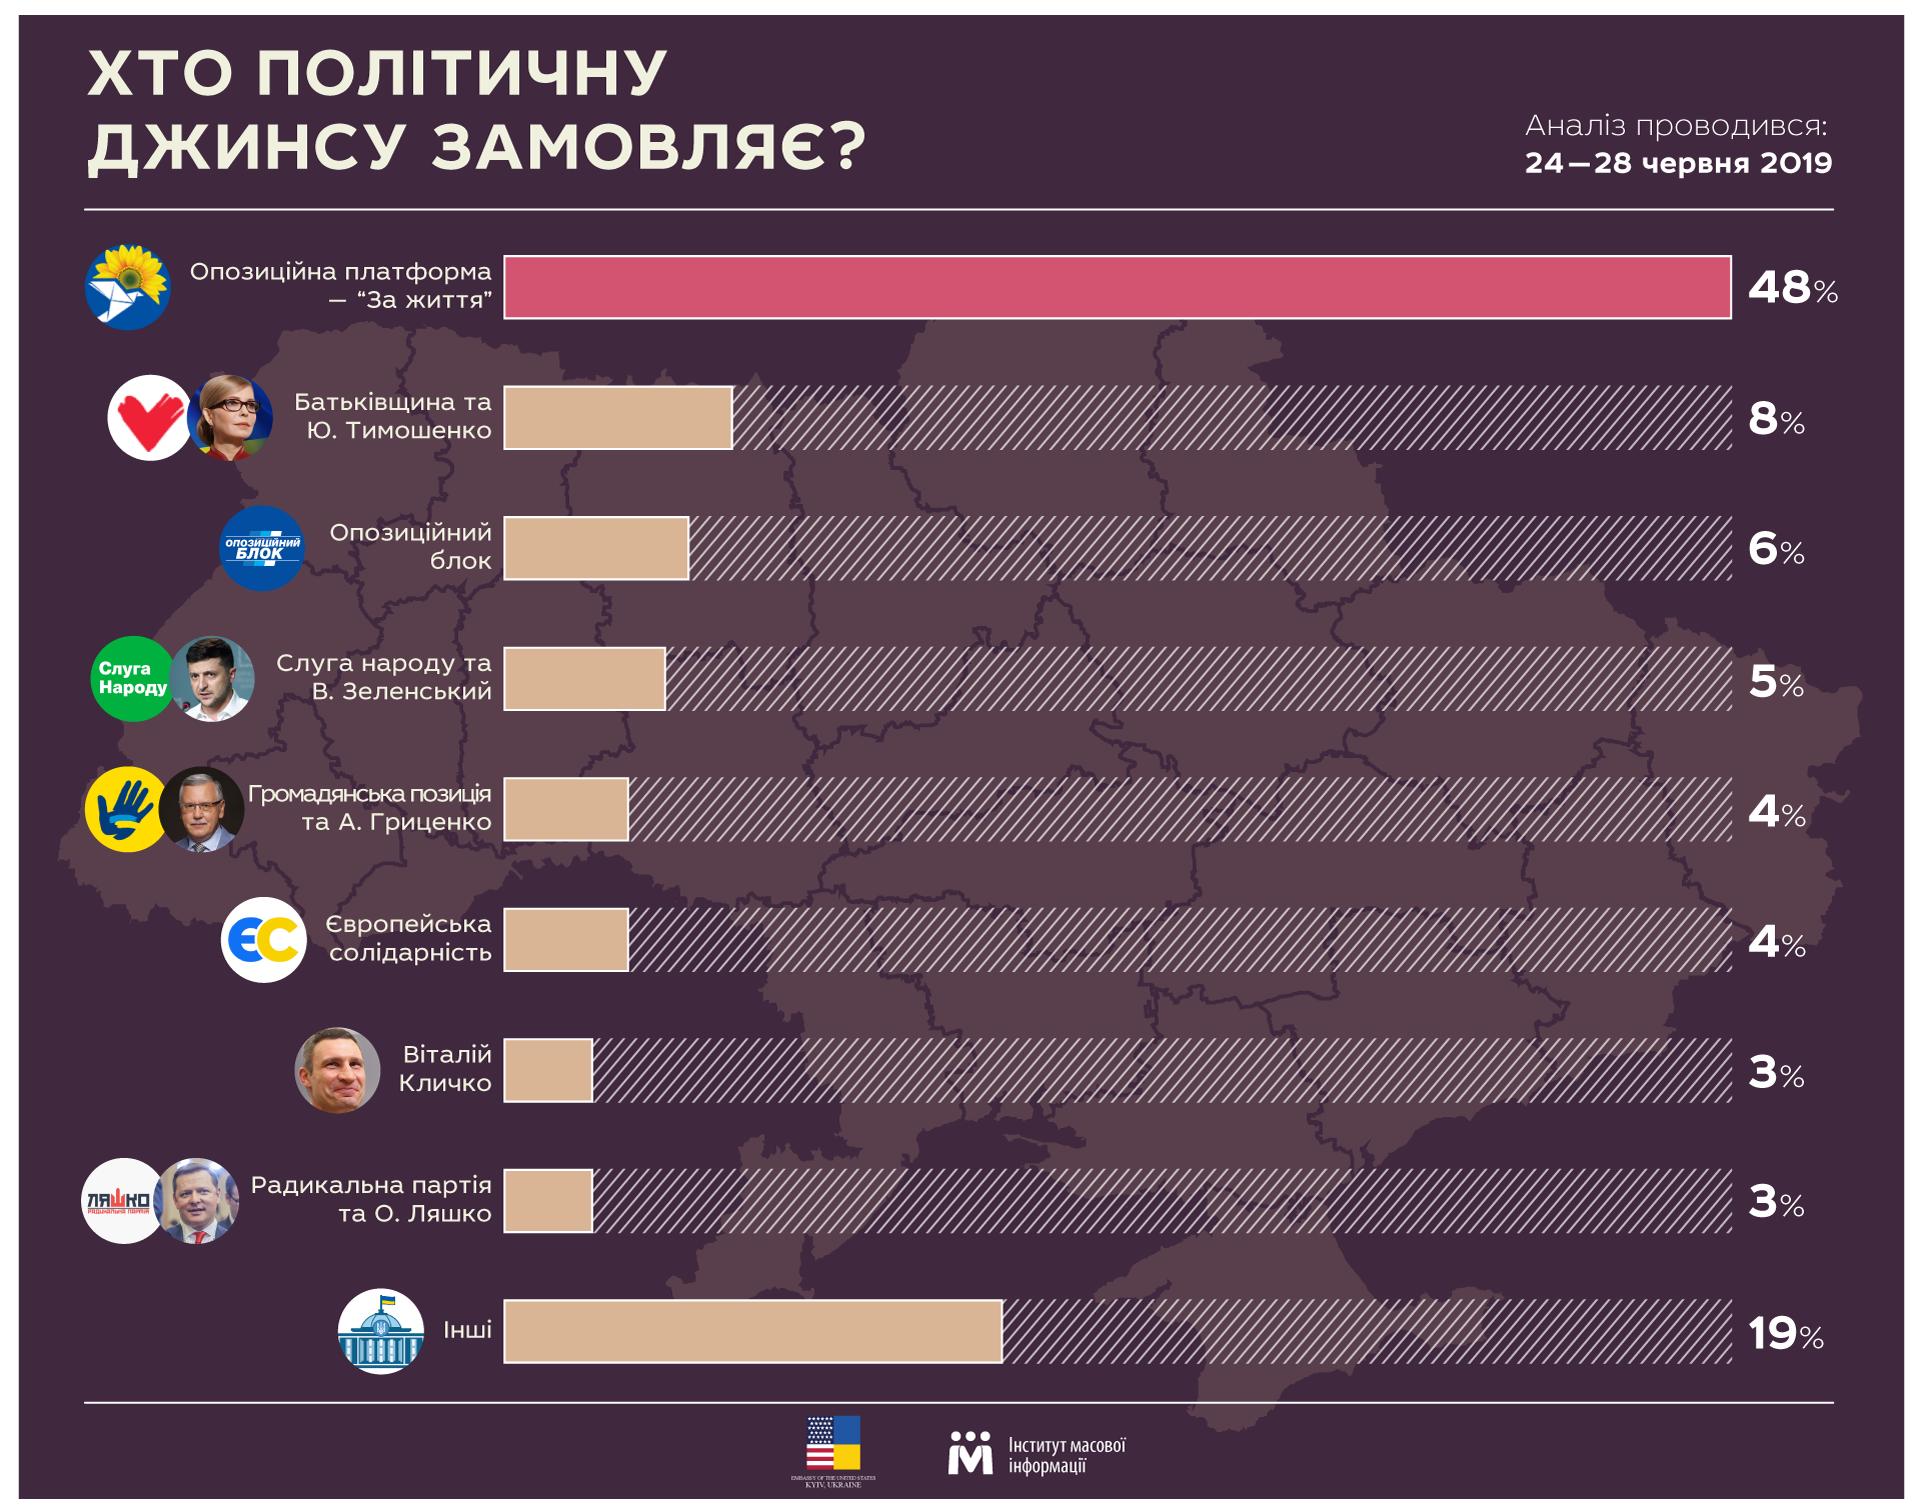 ИМИ: Пророссийские политсилы - основные заказчики джинсы в СМИ